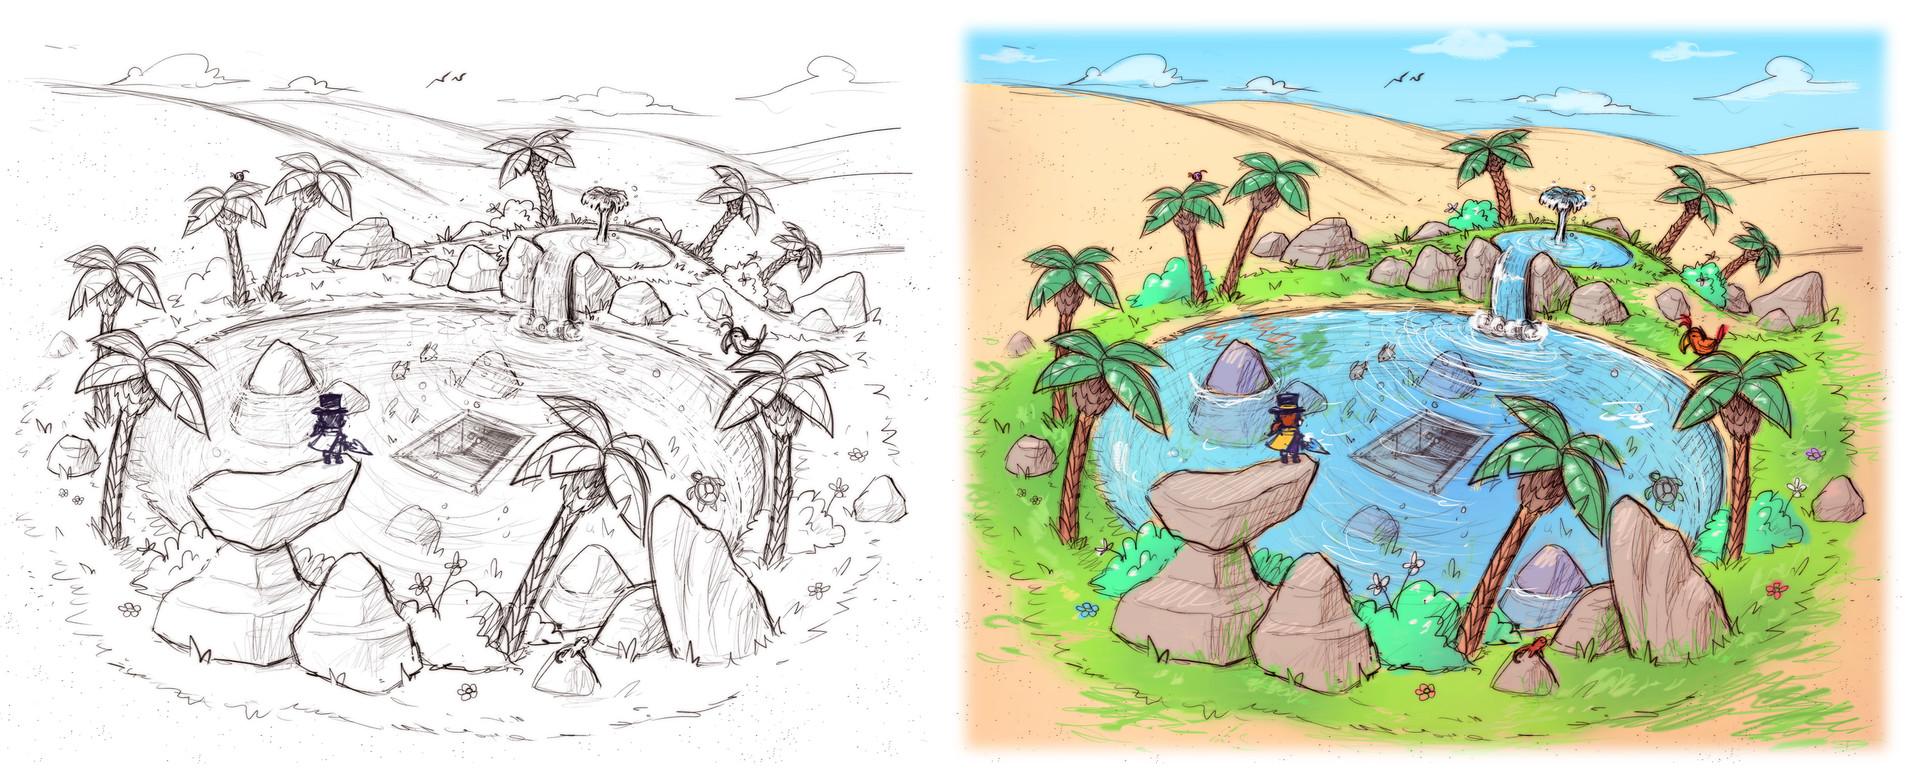 Luigi lucarelli oasis concept